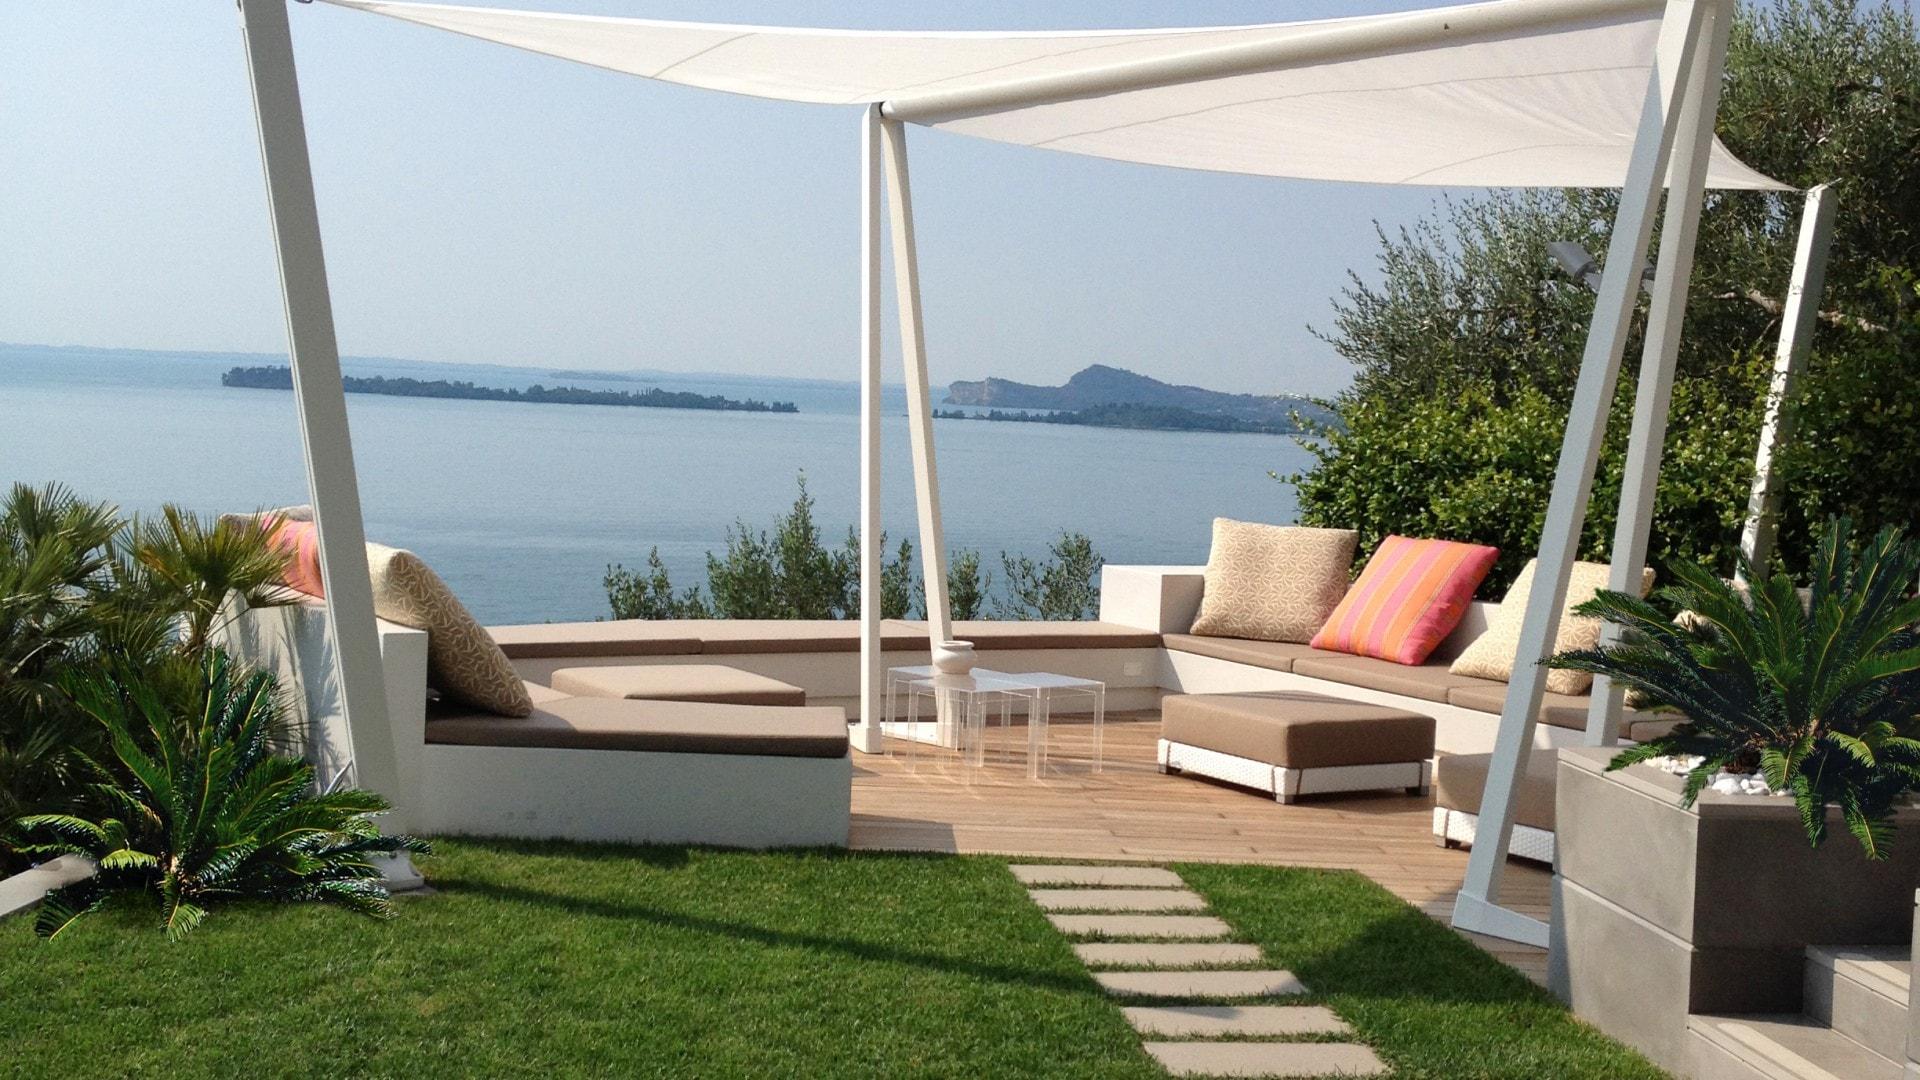 Giardino Zen Lago Di Garda : Giardino sul lago di garda progettazione giardini